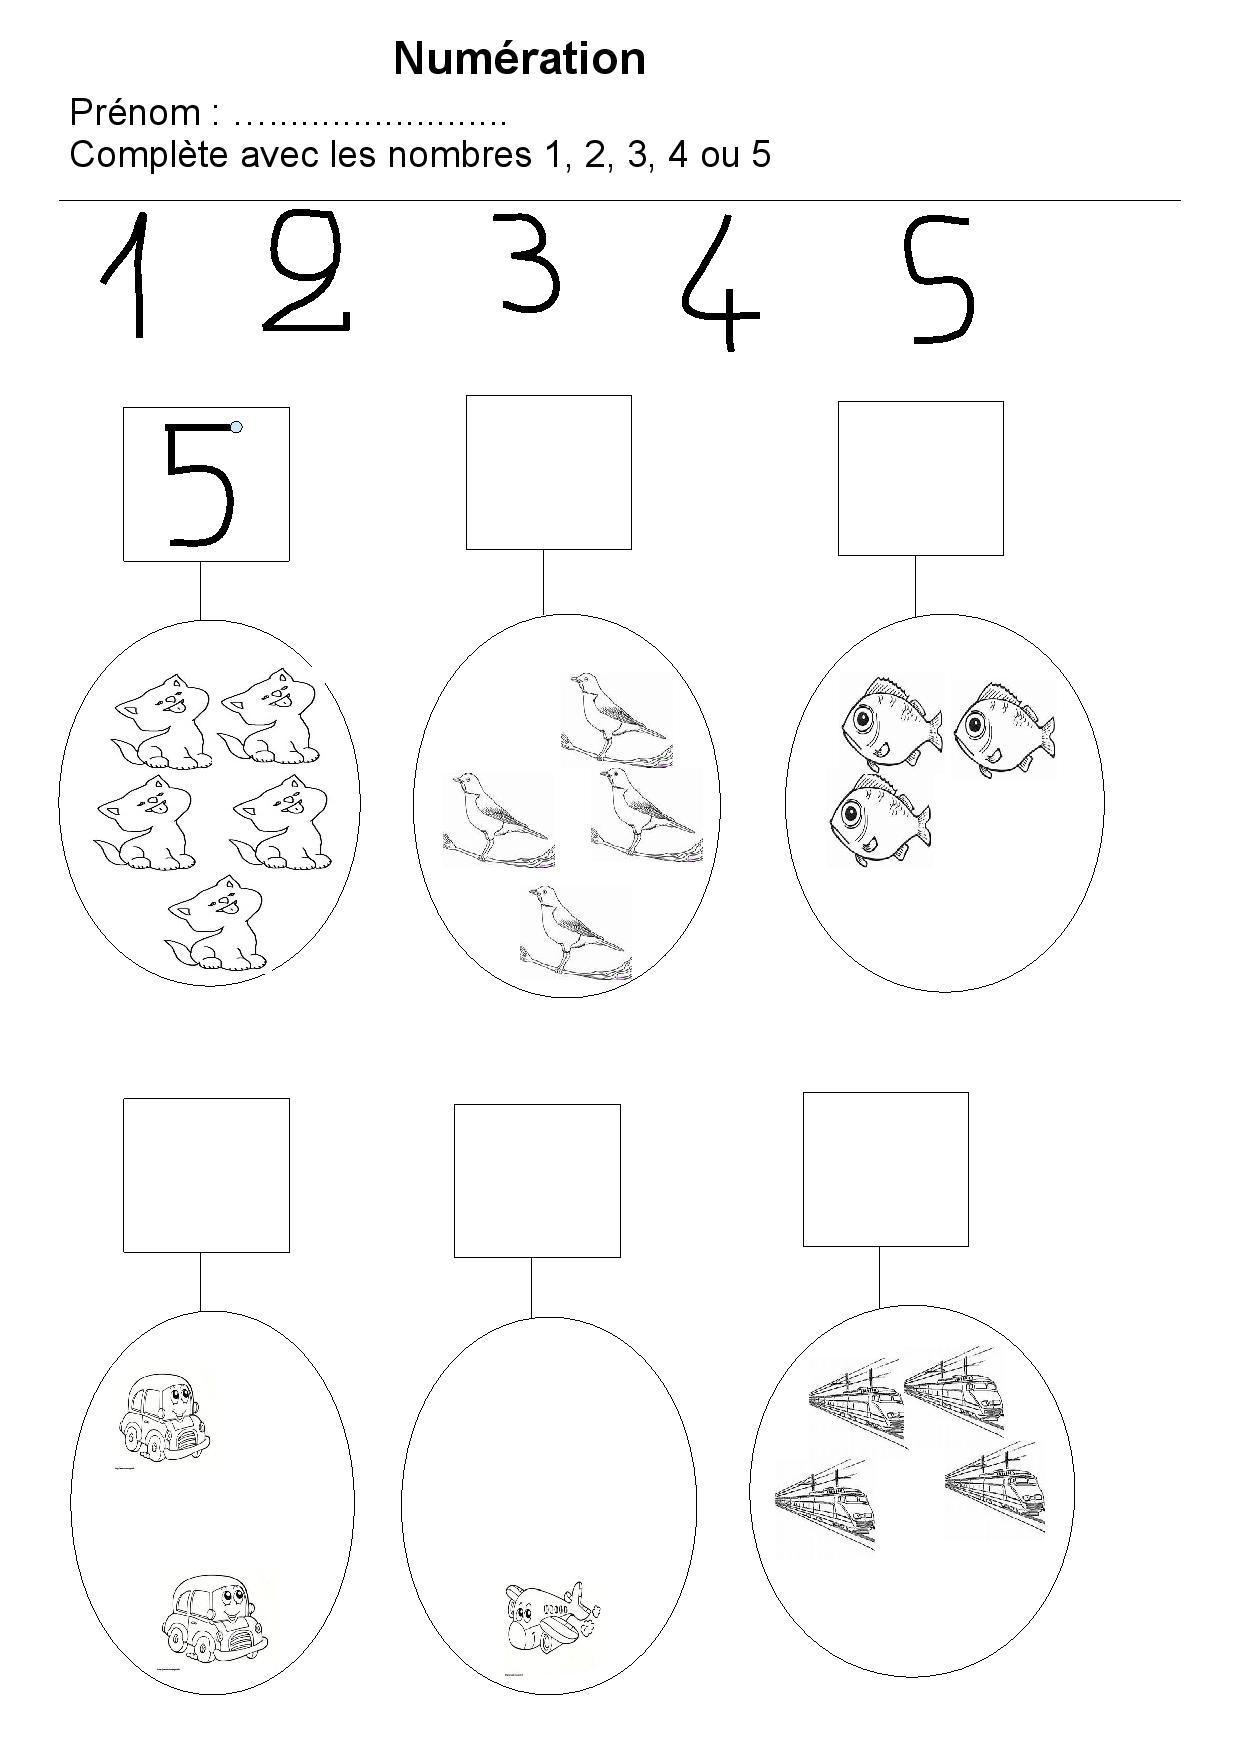 Extrêmement Maternelle : exercices sur les nombres - preprof FW69